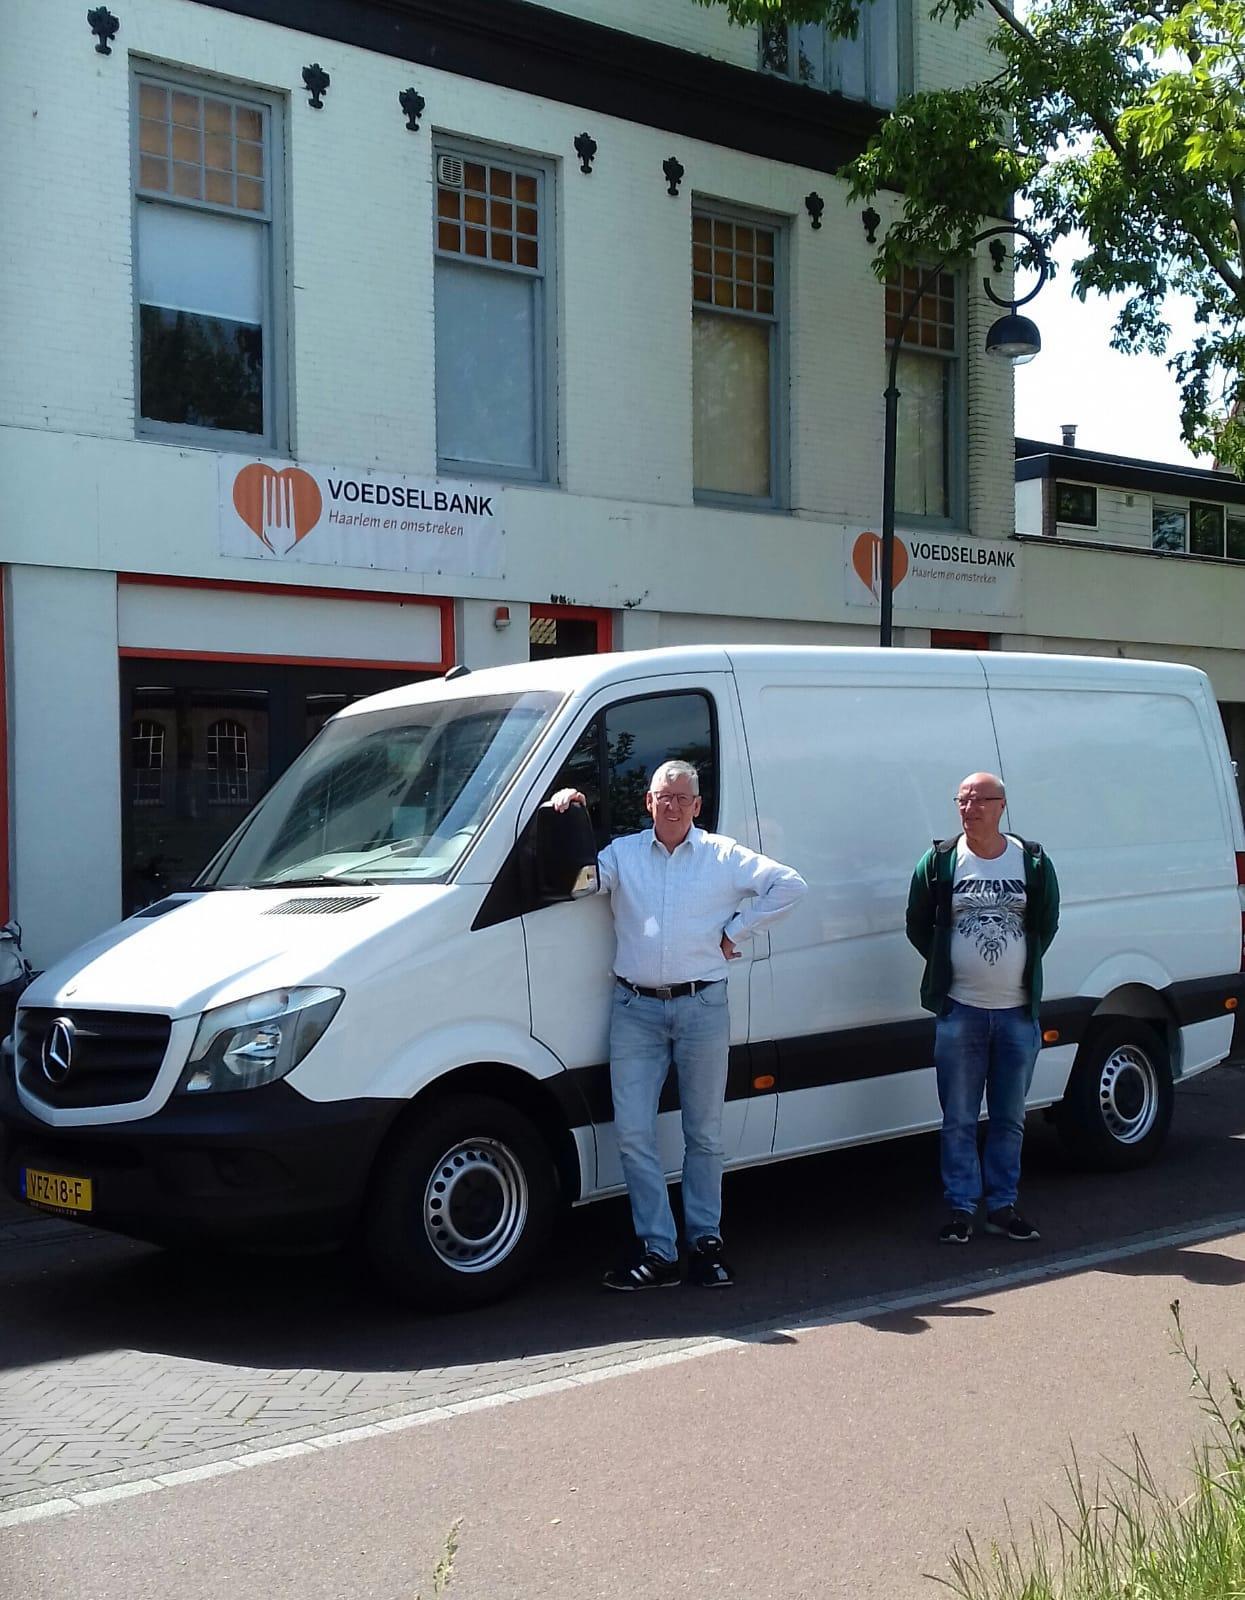 Voedselbank Haarlem en omstreken bedolven onder donaties sinds uitbreken coronacrisis